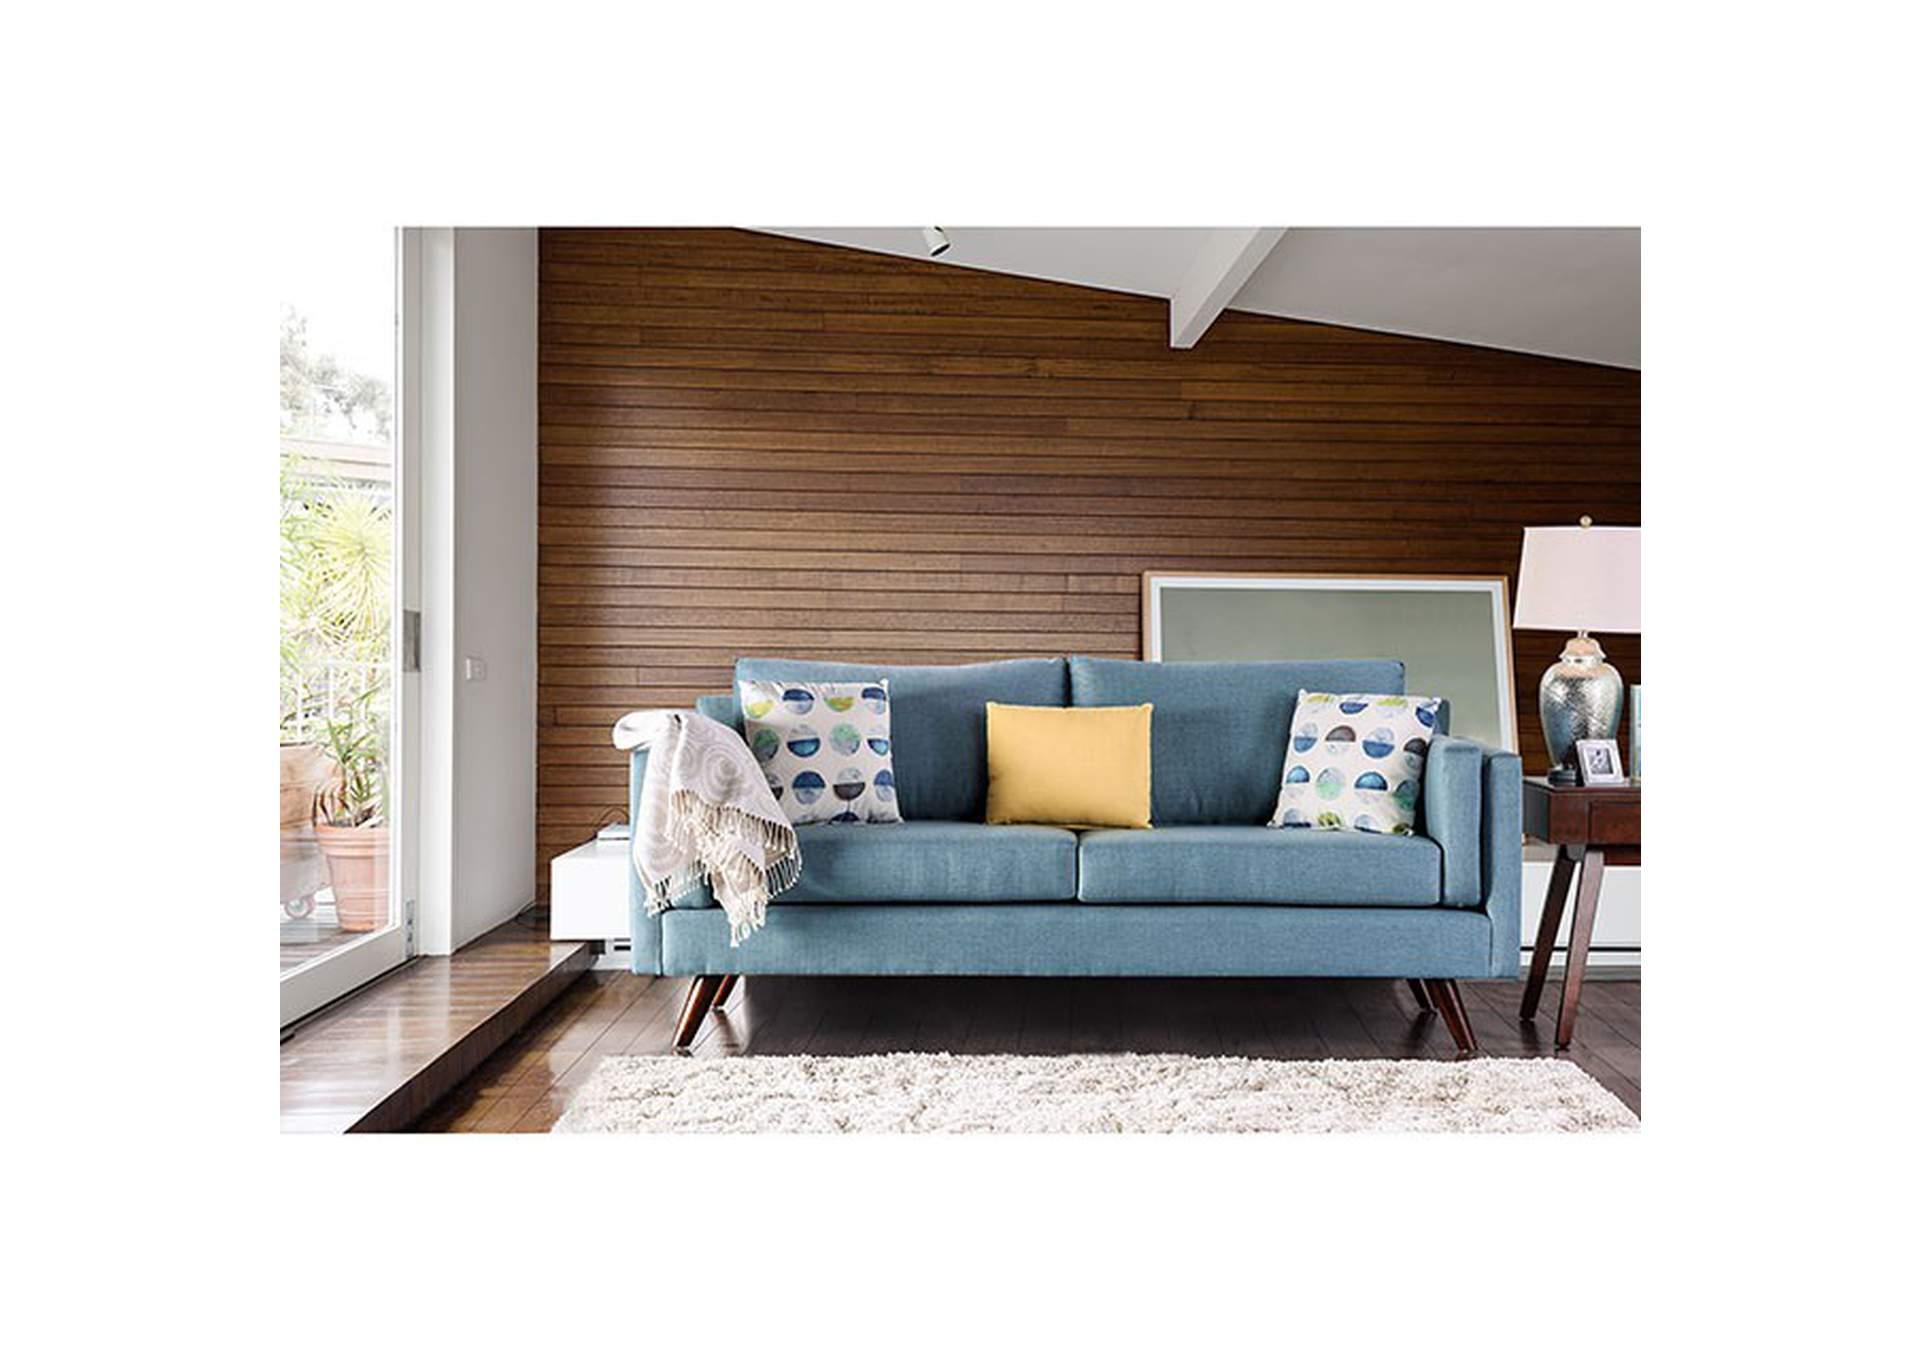 best buy furniture and mattress genna sky blue sofa rh bestbuy furniture com